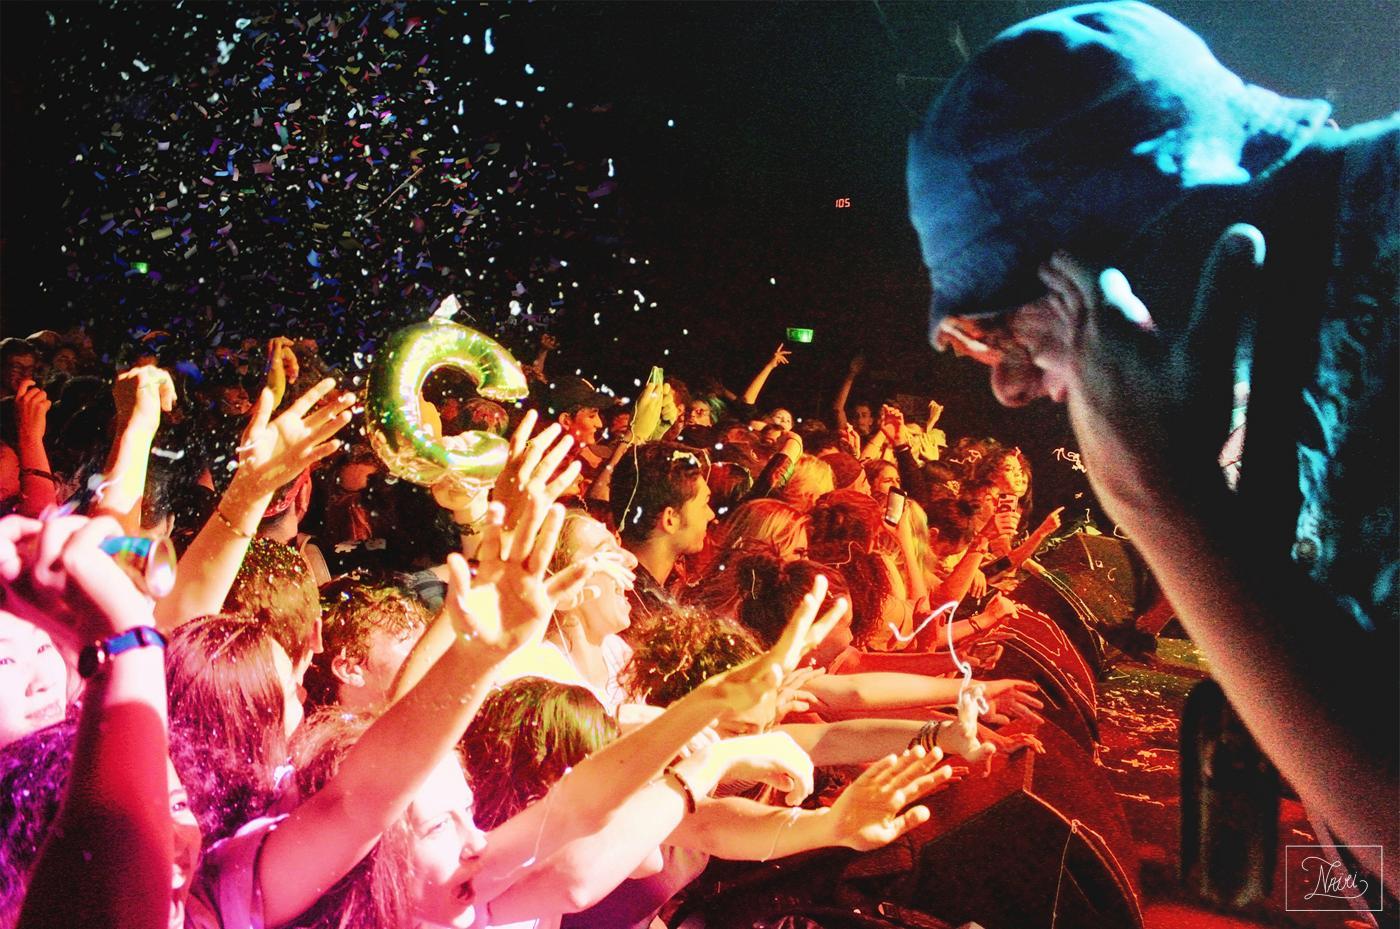 affranchi-a-marseille-une-salle-de-concert-organise-des-spectacles-varies-des-showcase-et-concerts-divers